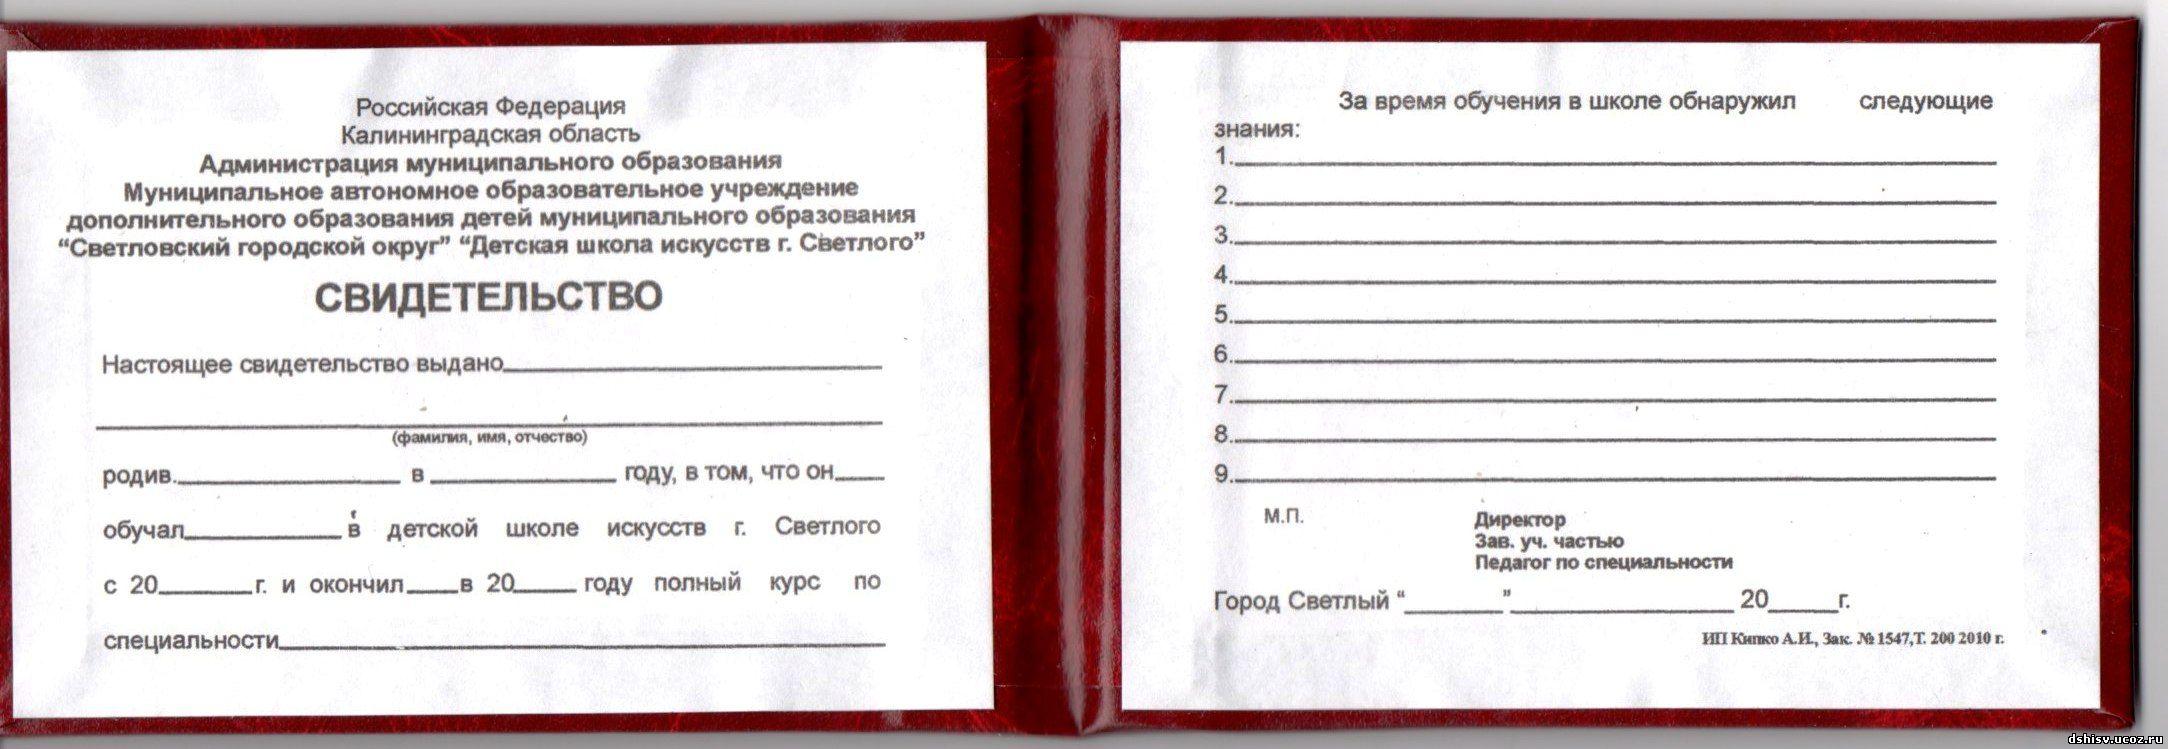 бланк удостоверения роспотребнадзора